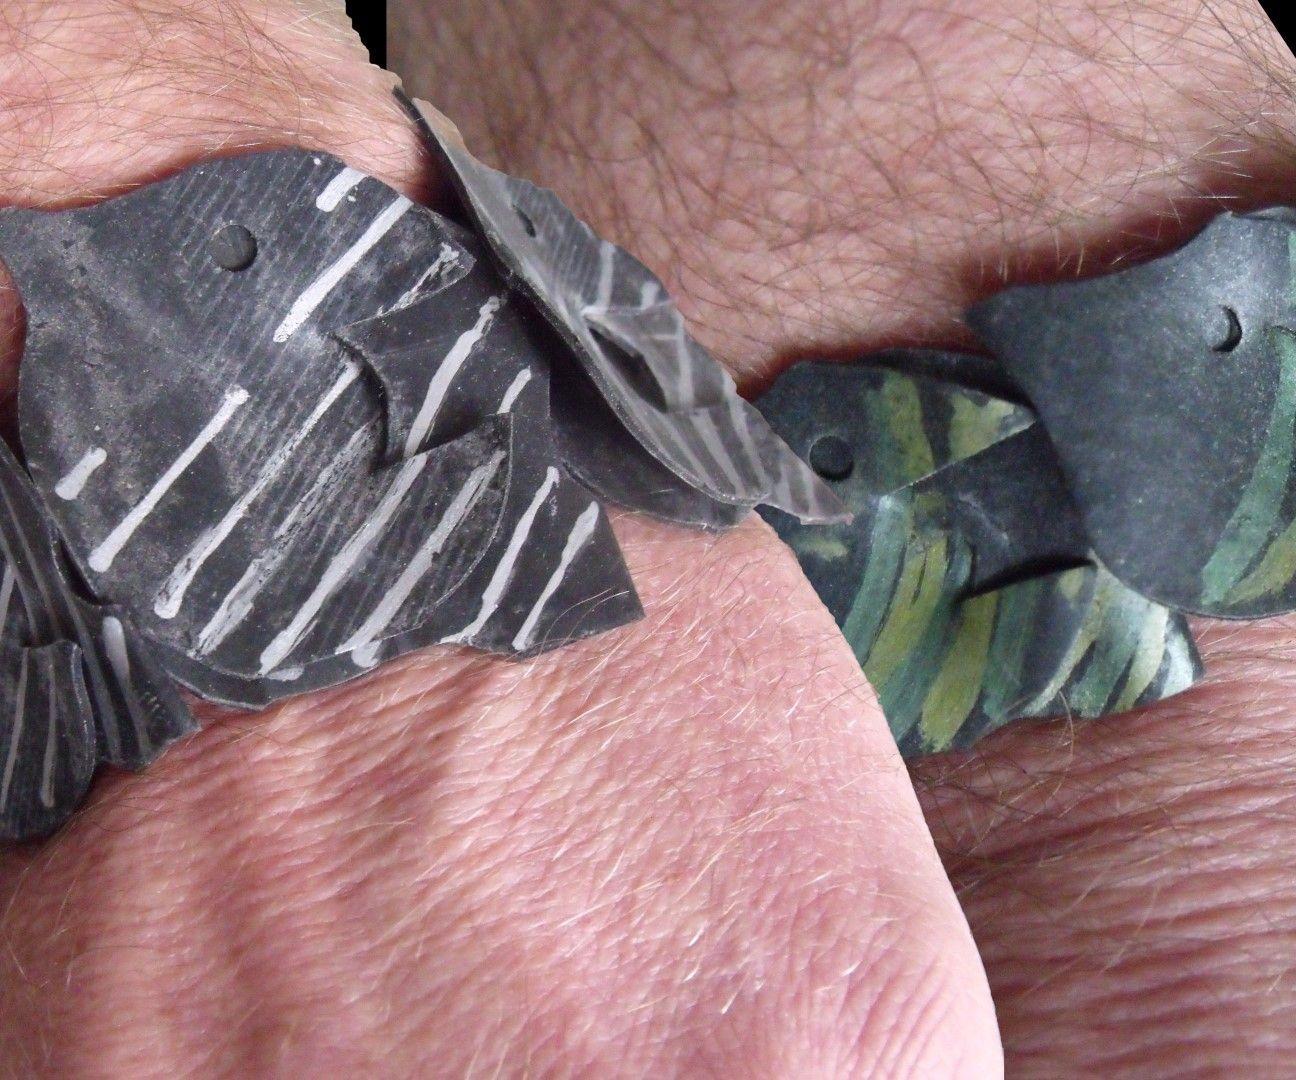 Fish going around the wrist.